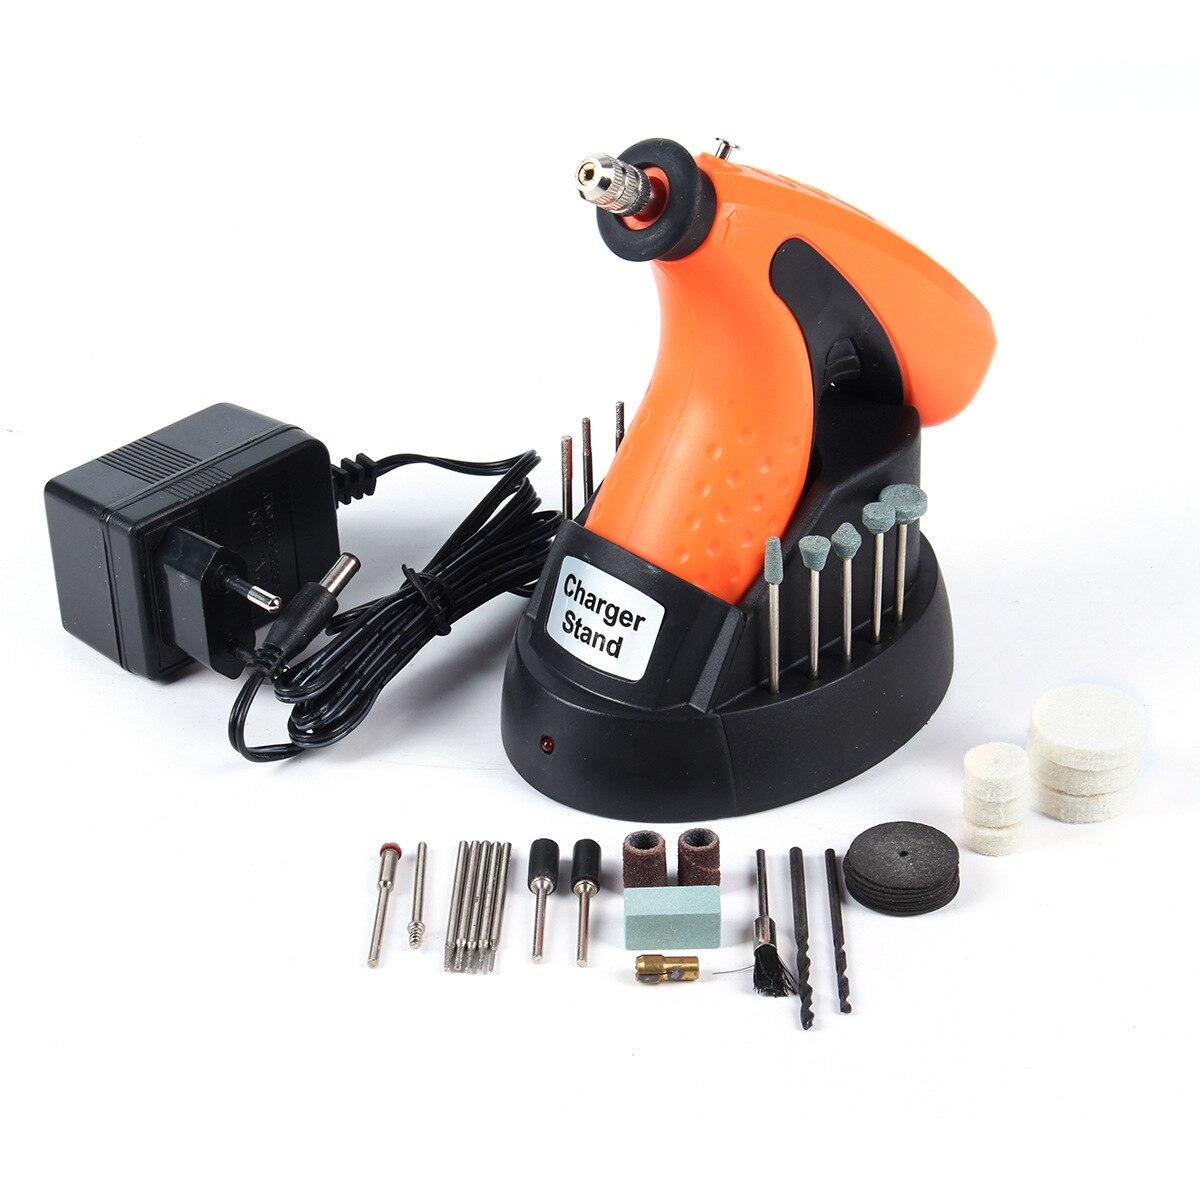 Mini Molinillo Eléctrico hogar DIY recargable 3,6 V 1300mA grabado pulido de mano de alta calidad práctica pulidora